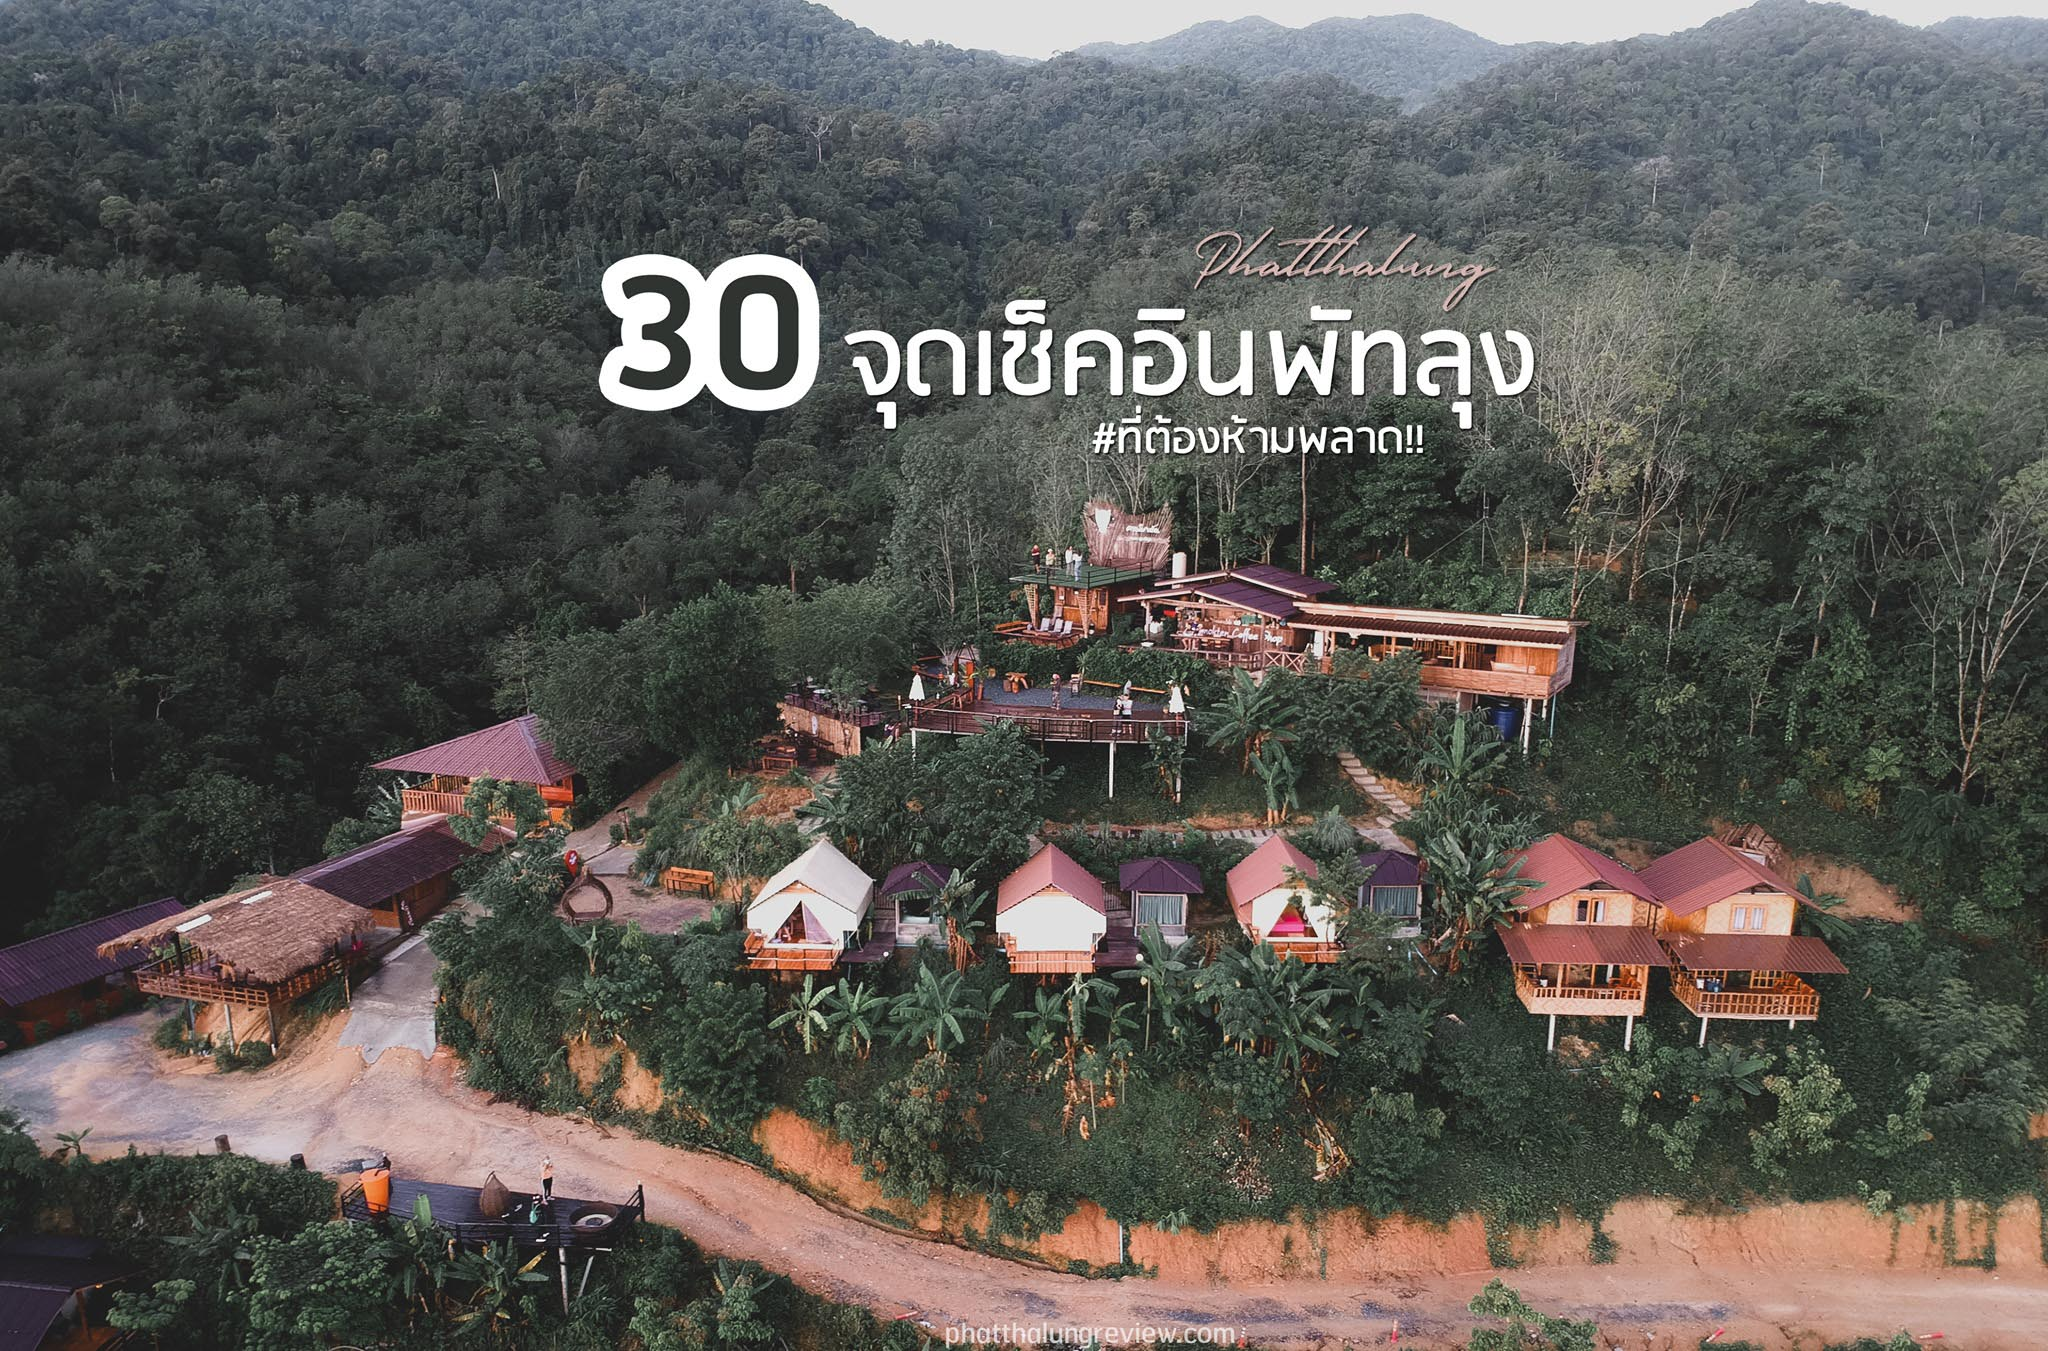 30 จุดเช็คอินพัทลุง ใหม่ๆสวยๆ 2021 คาเฟ่ ทะเล ภูเขา กลางป่า สถานที่ท่องเที่ยวเด็ดๆ